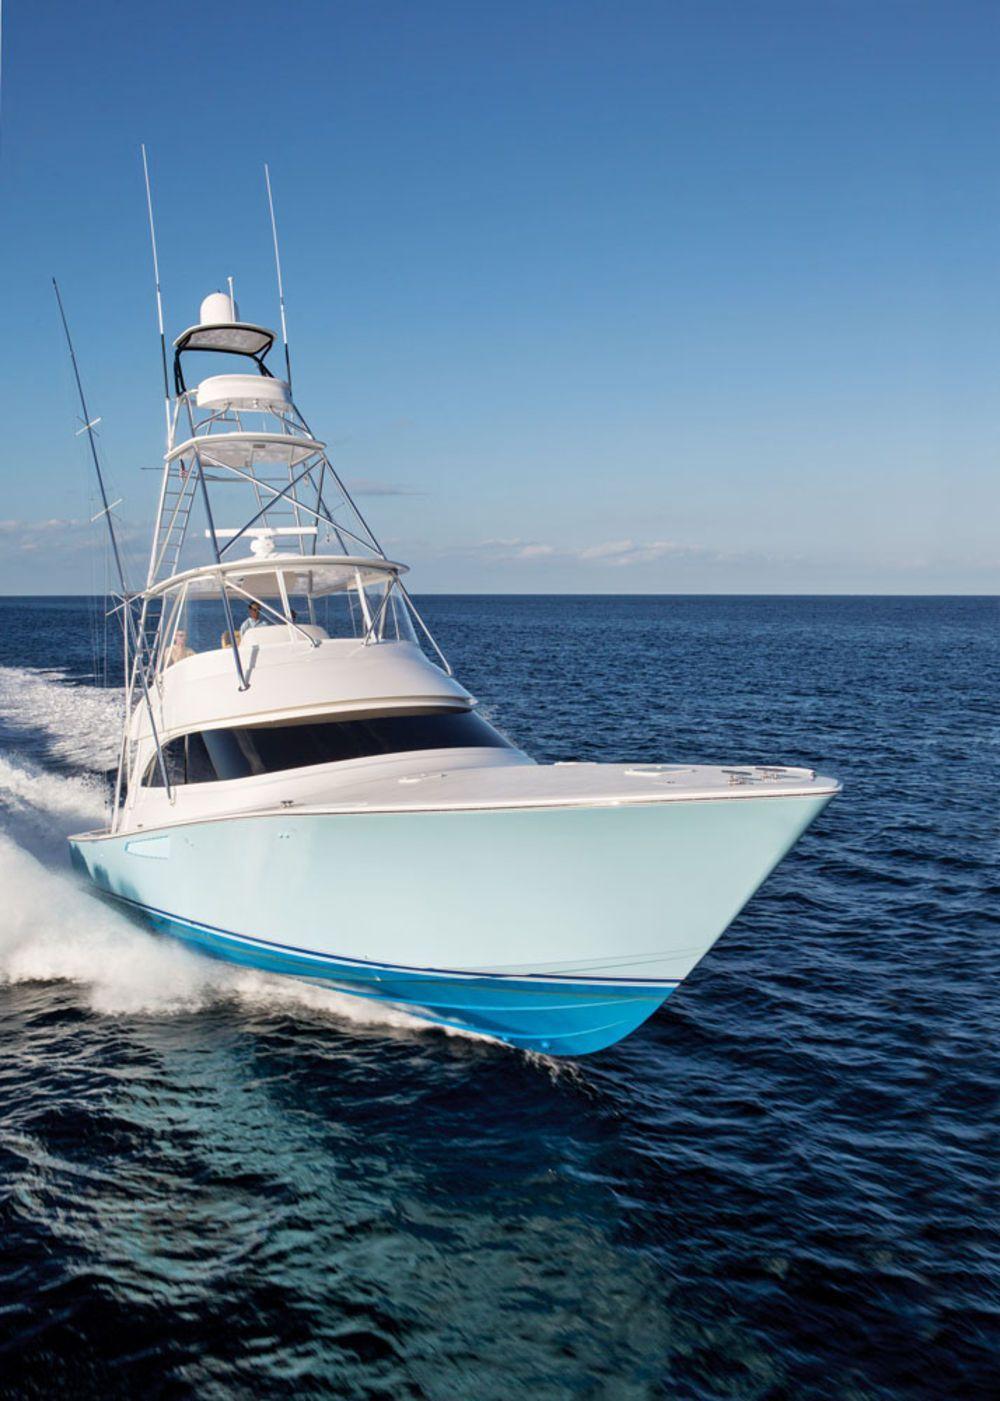 Best Sport Fishing Boats Sport fishing boats, Sport fishing